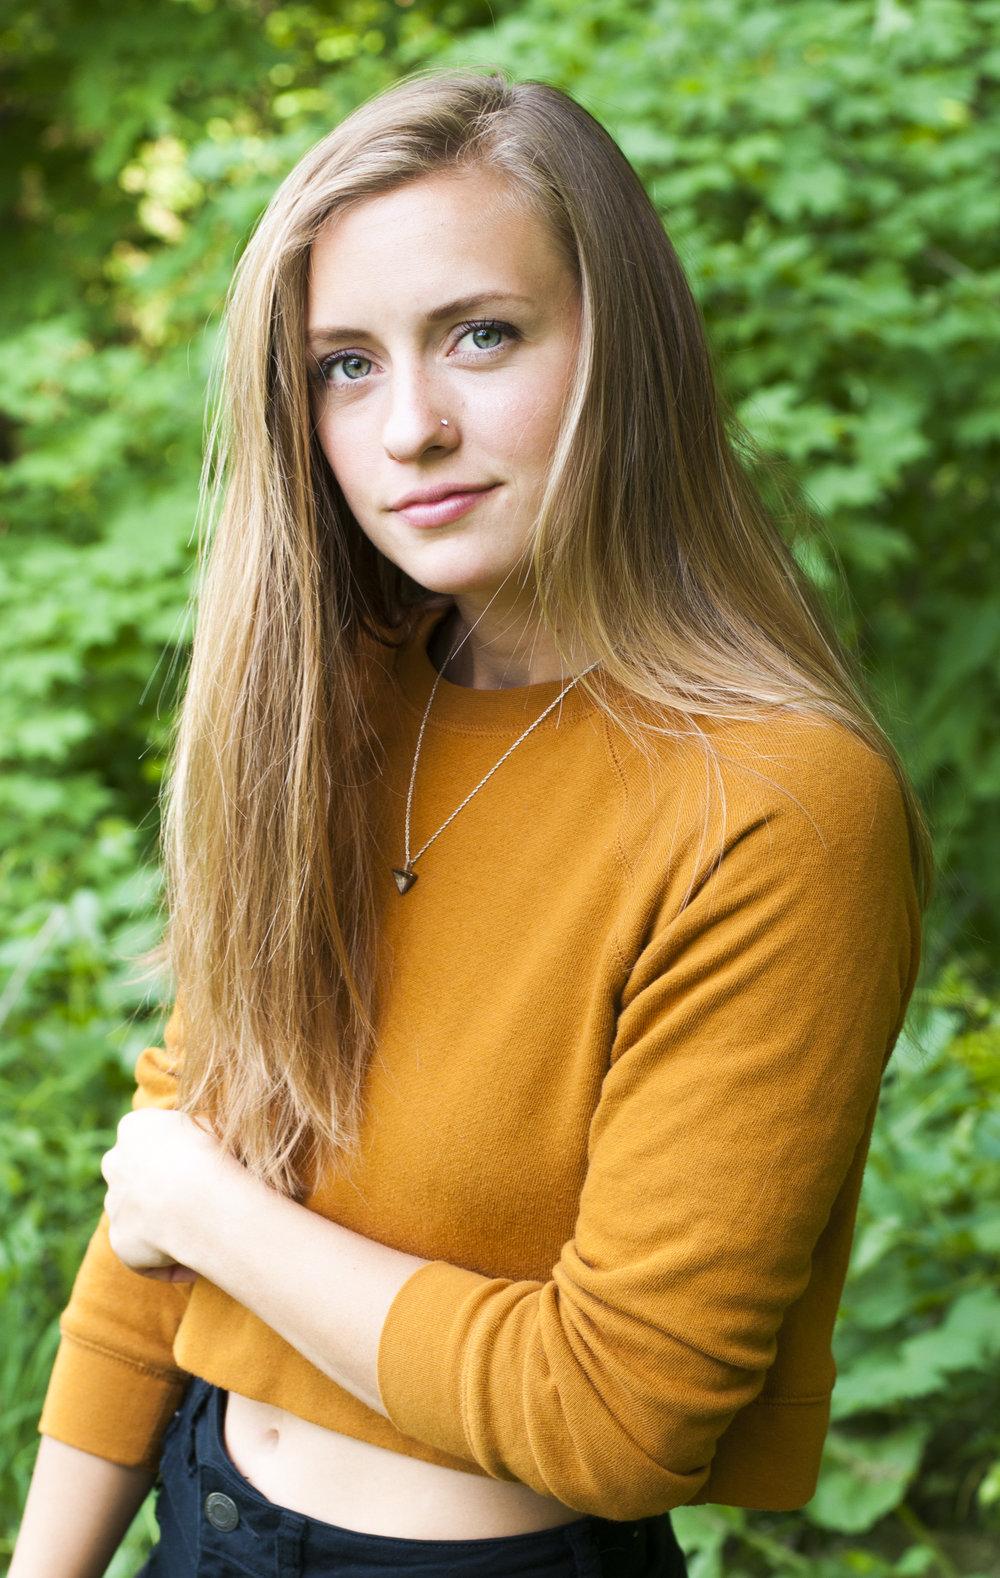 Ashley Emma naked 342